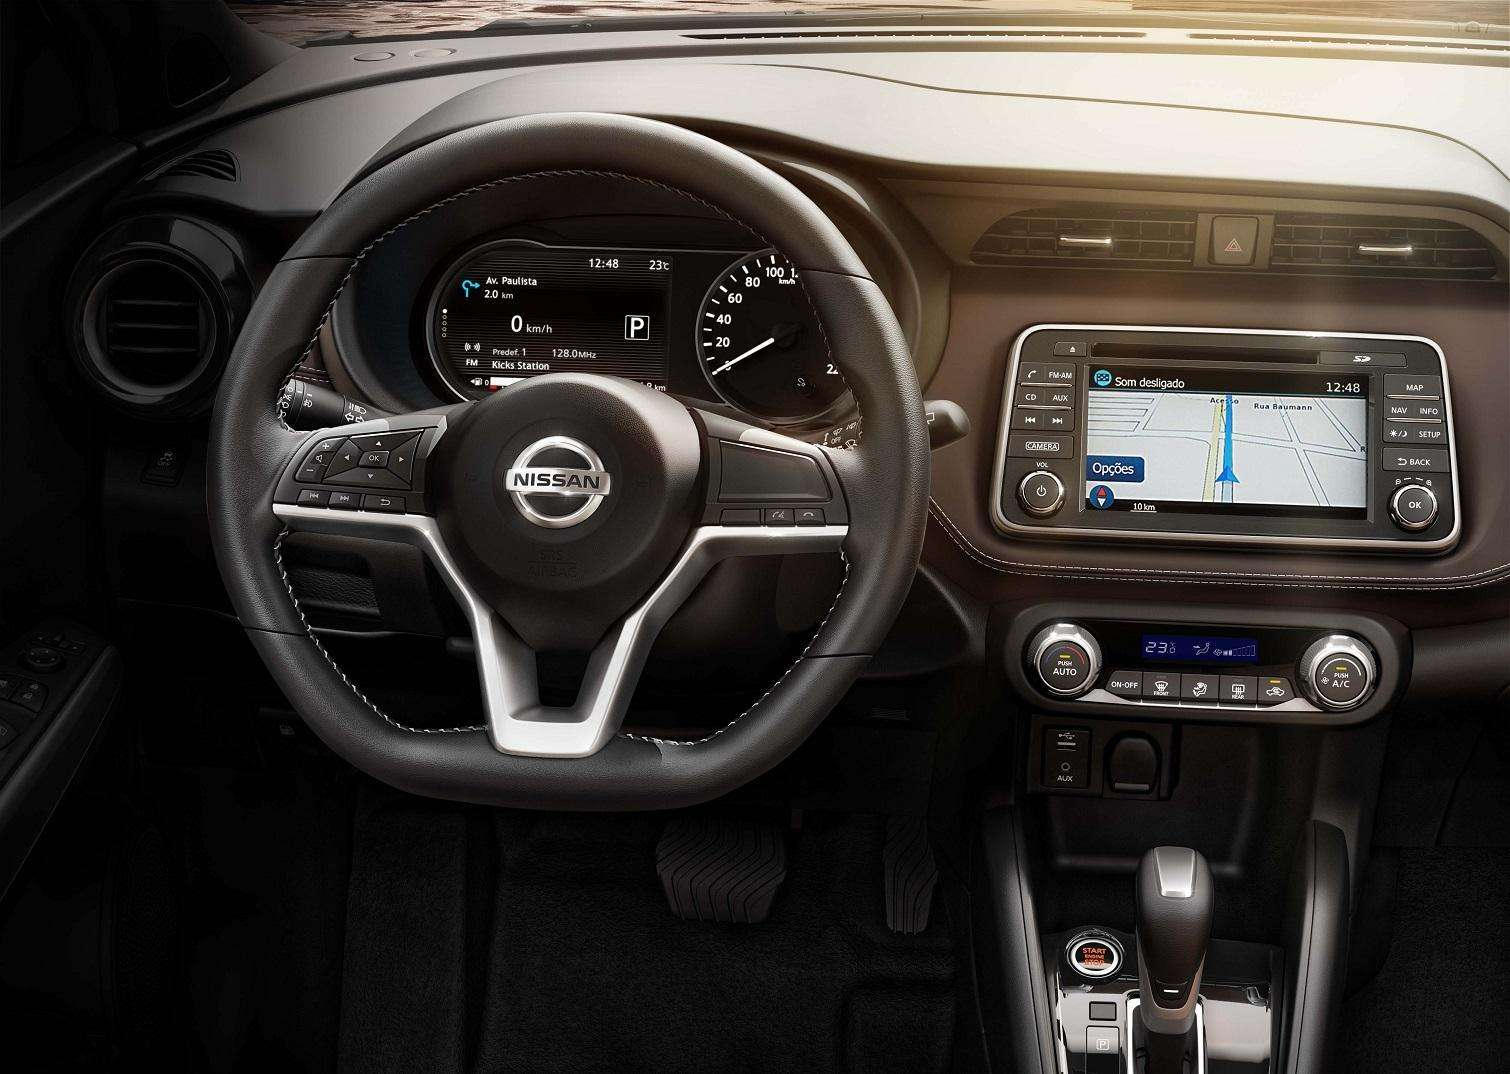 Conheça detalhes do inovador quadro de instrumentos do Nissan Kicks